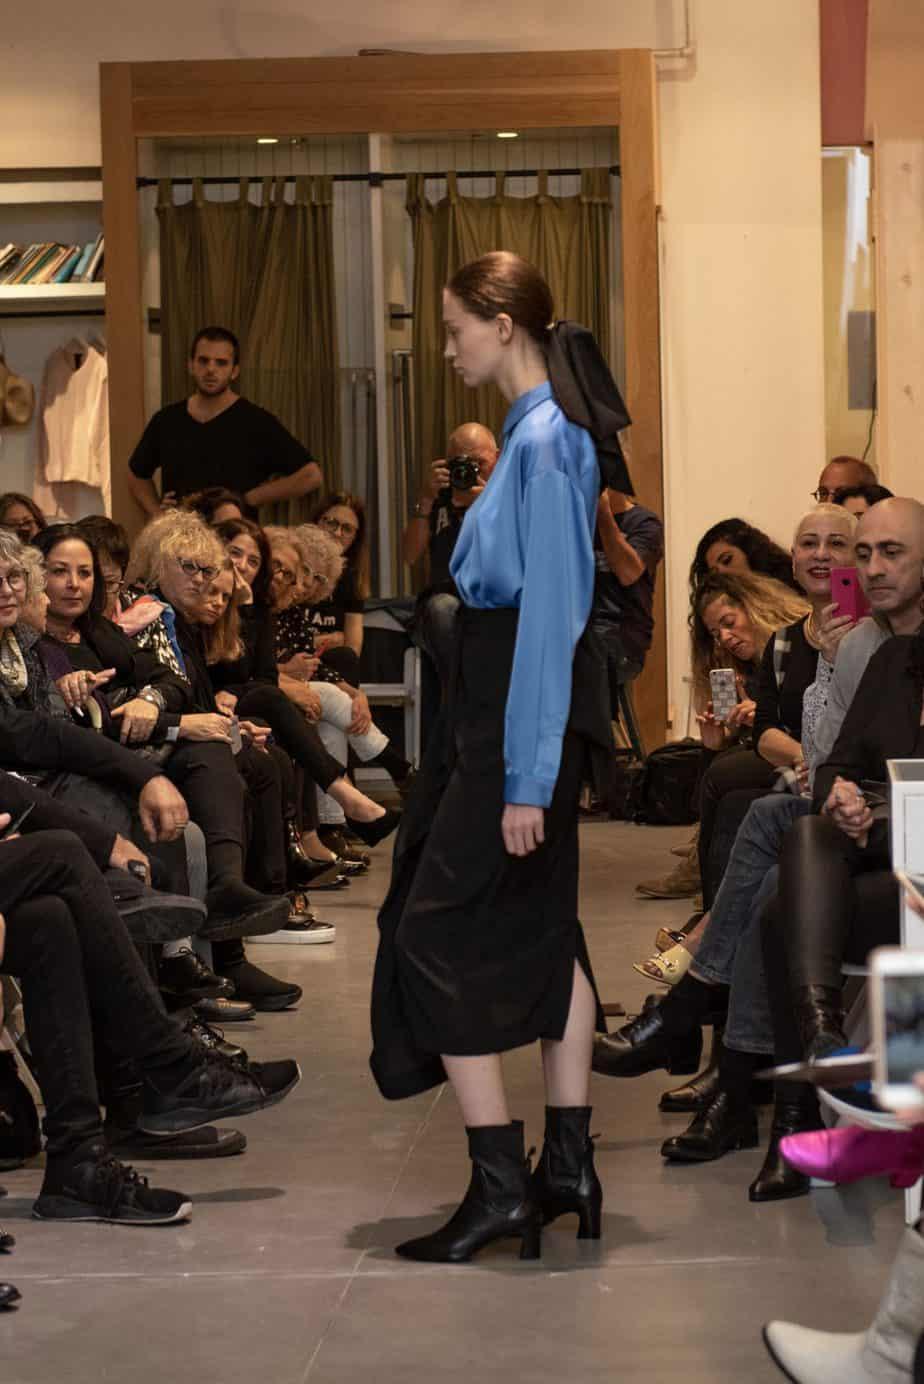 קום איל פו. תצוגת אופנה סתיו חורף 208-19. צילום: יניב לוי -12